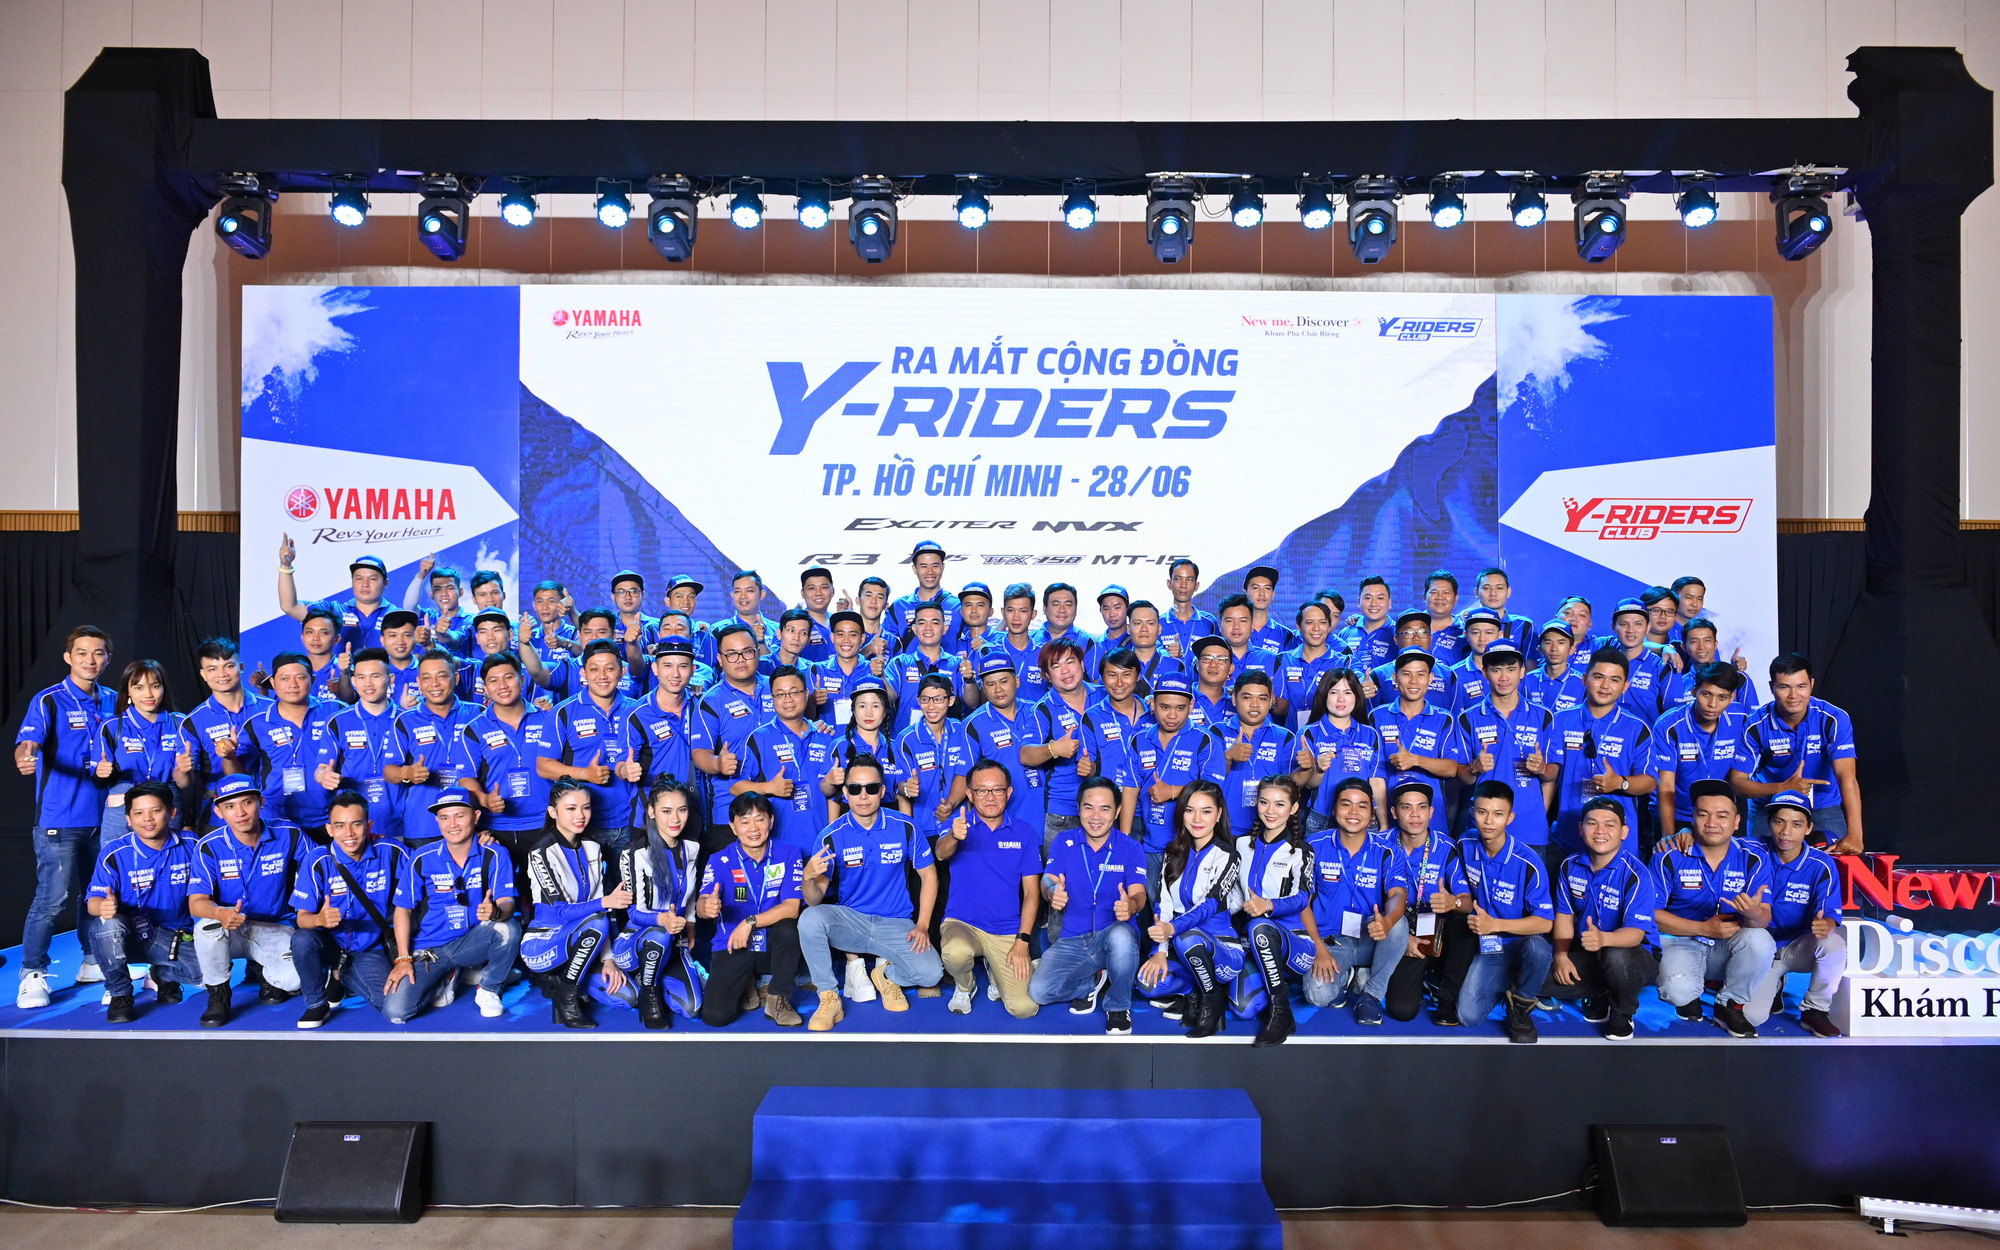 Yamaha vừa ra mắt Y-Riders Club đã có hơn 5.000 thành viên và 300 câu lạc bộ chính thức